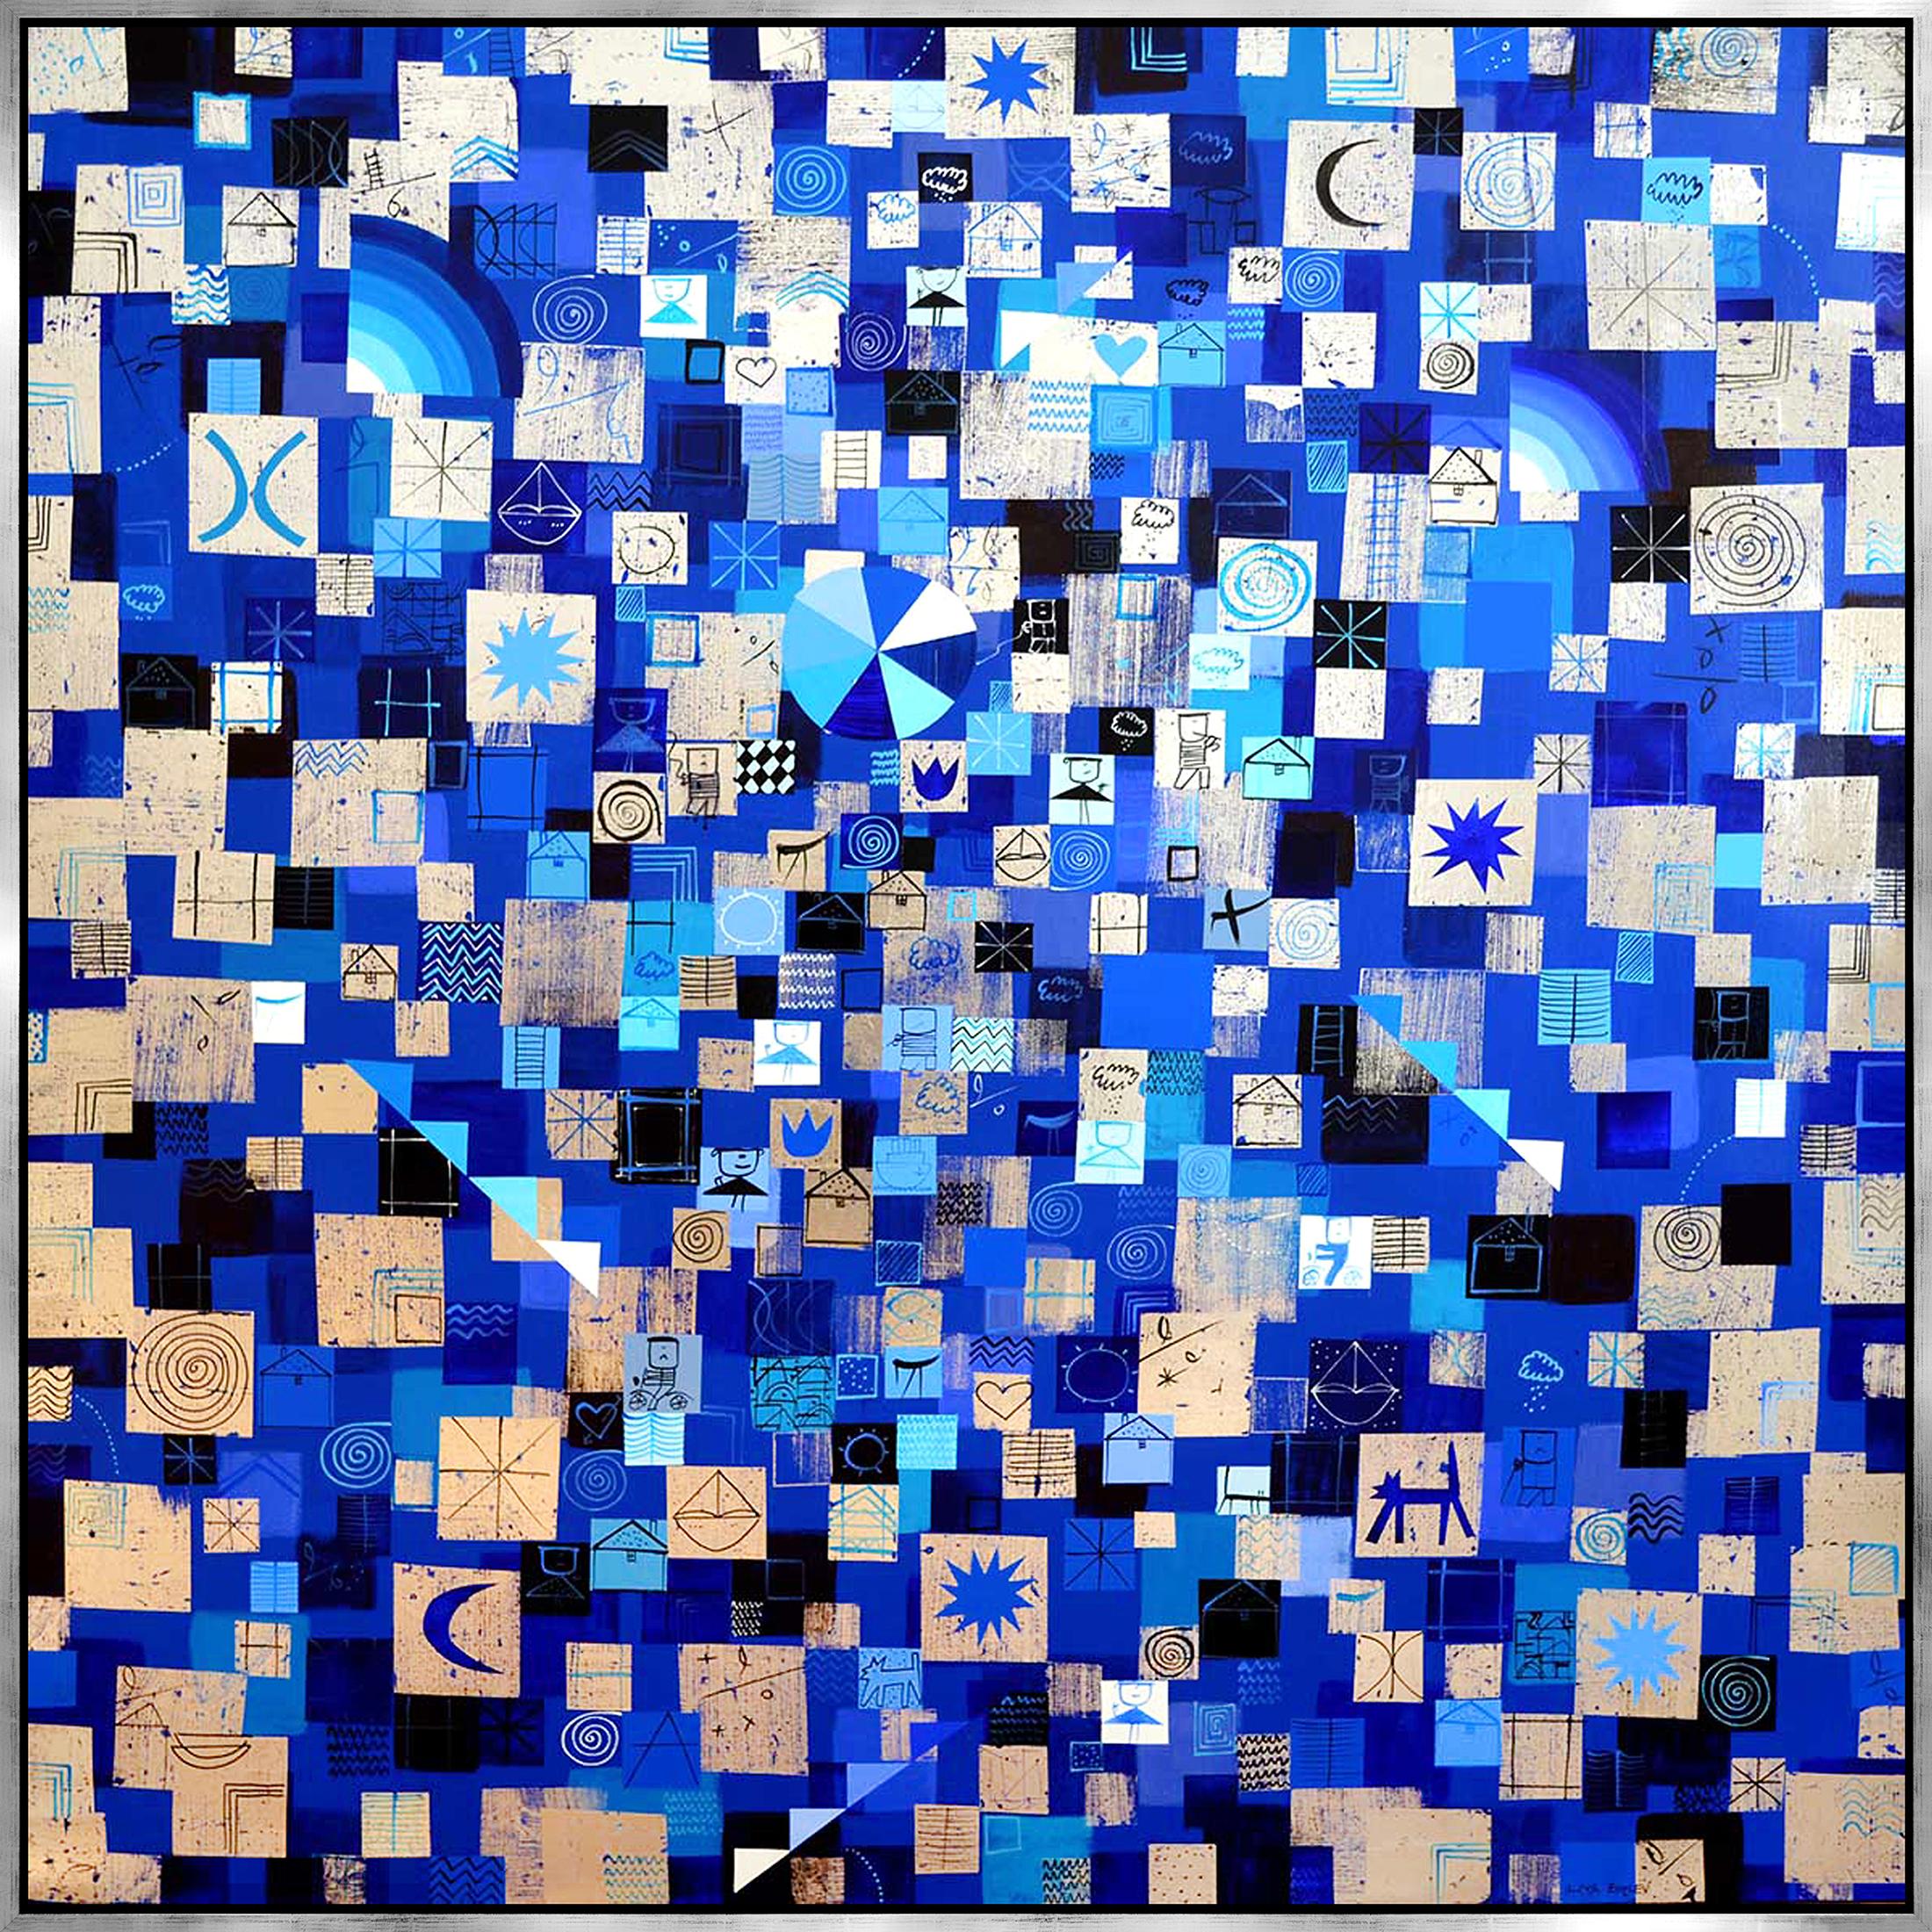 Iliya Zhelev - Silver and Blue , 0509-012-837